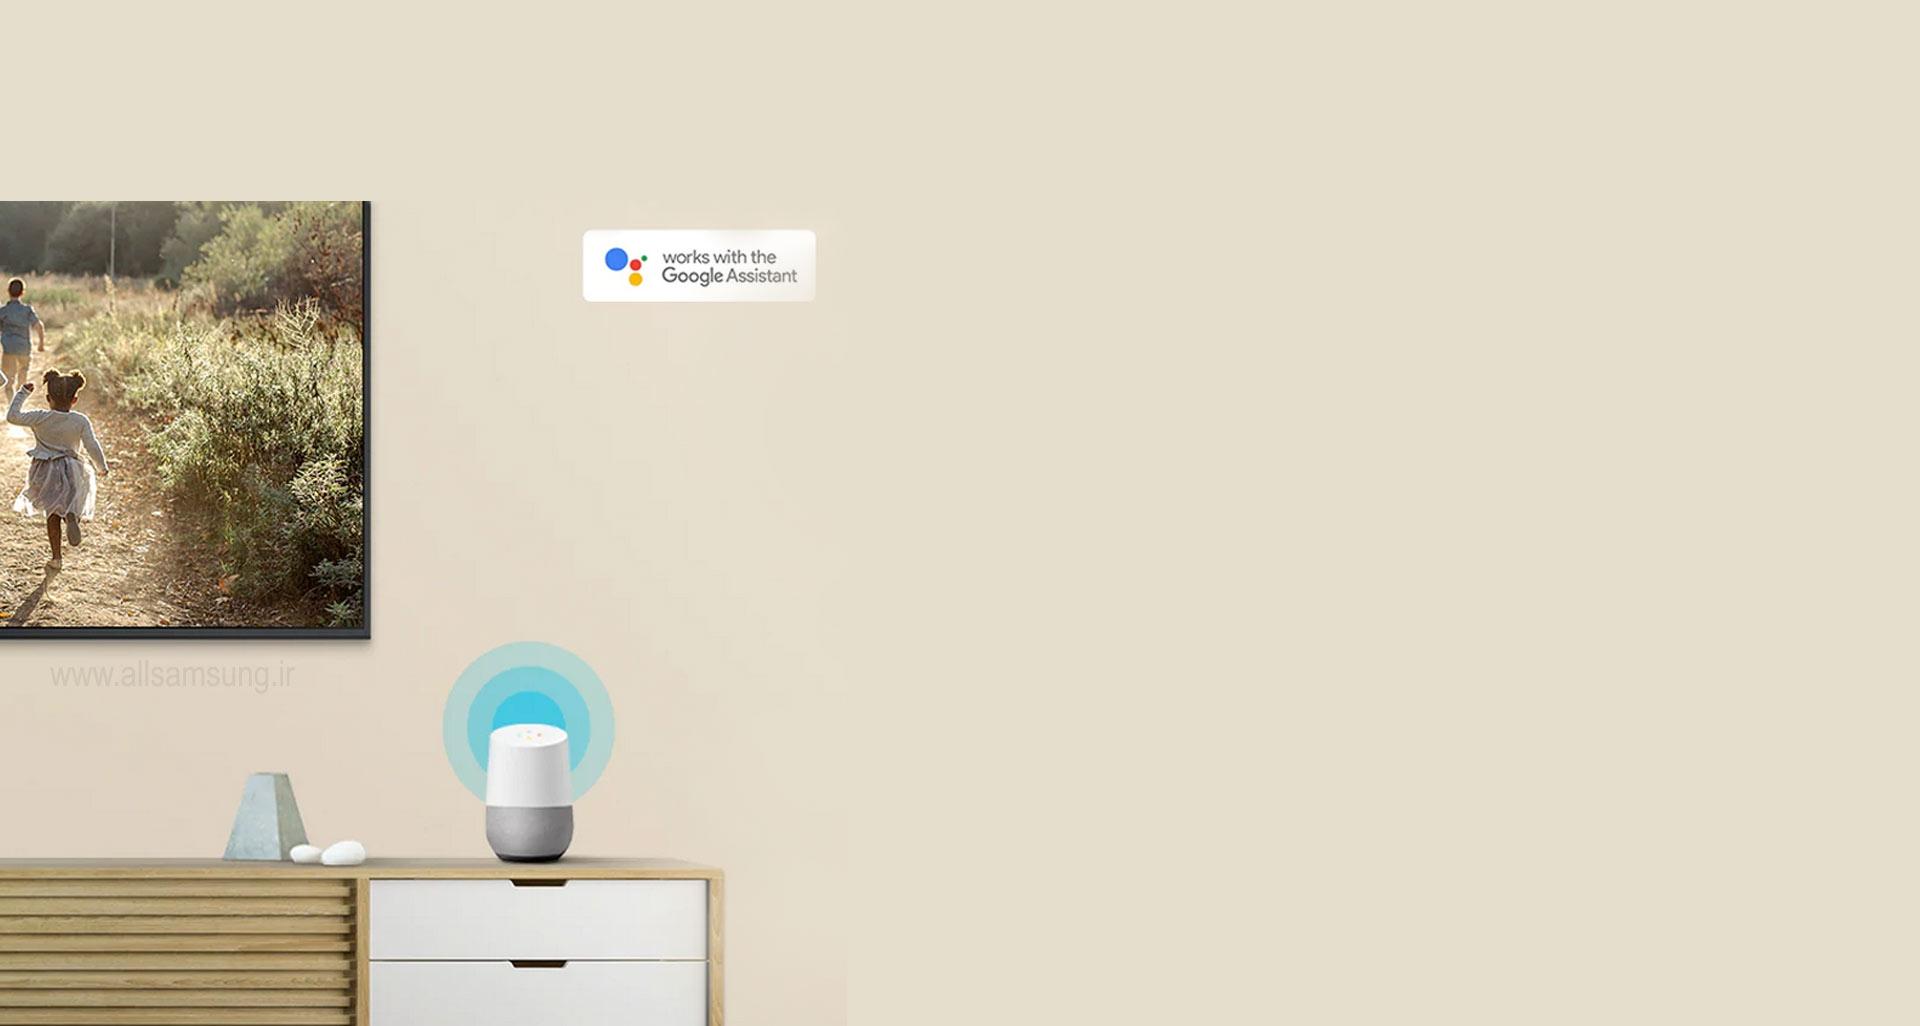 گوگل اسیستنت در تلویزیون 43ru7100